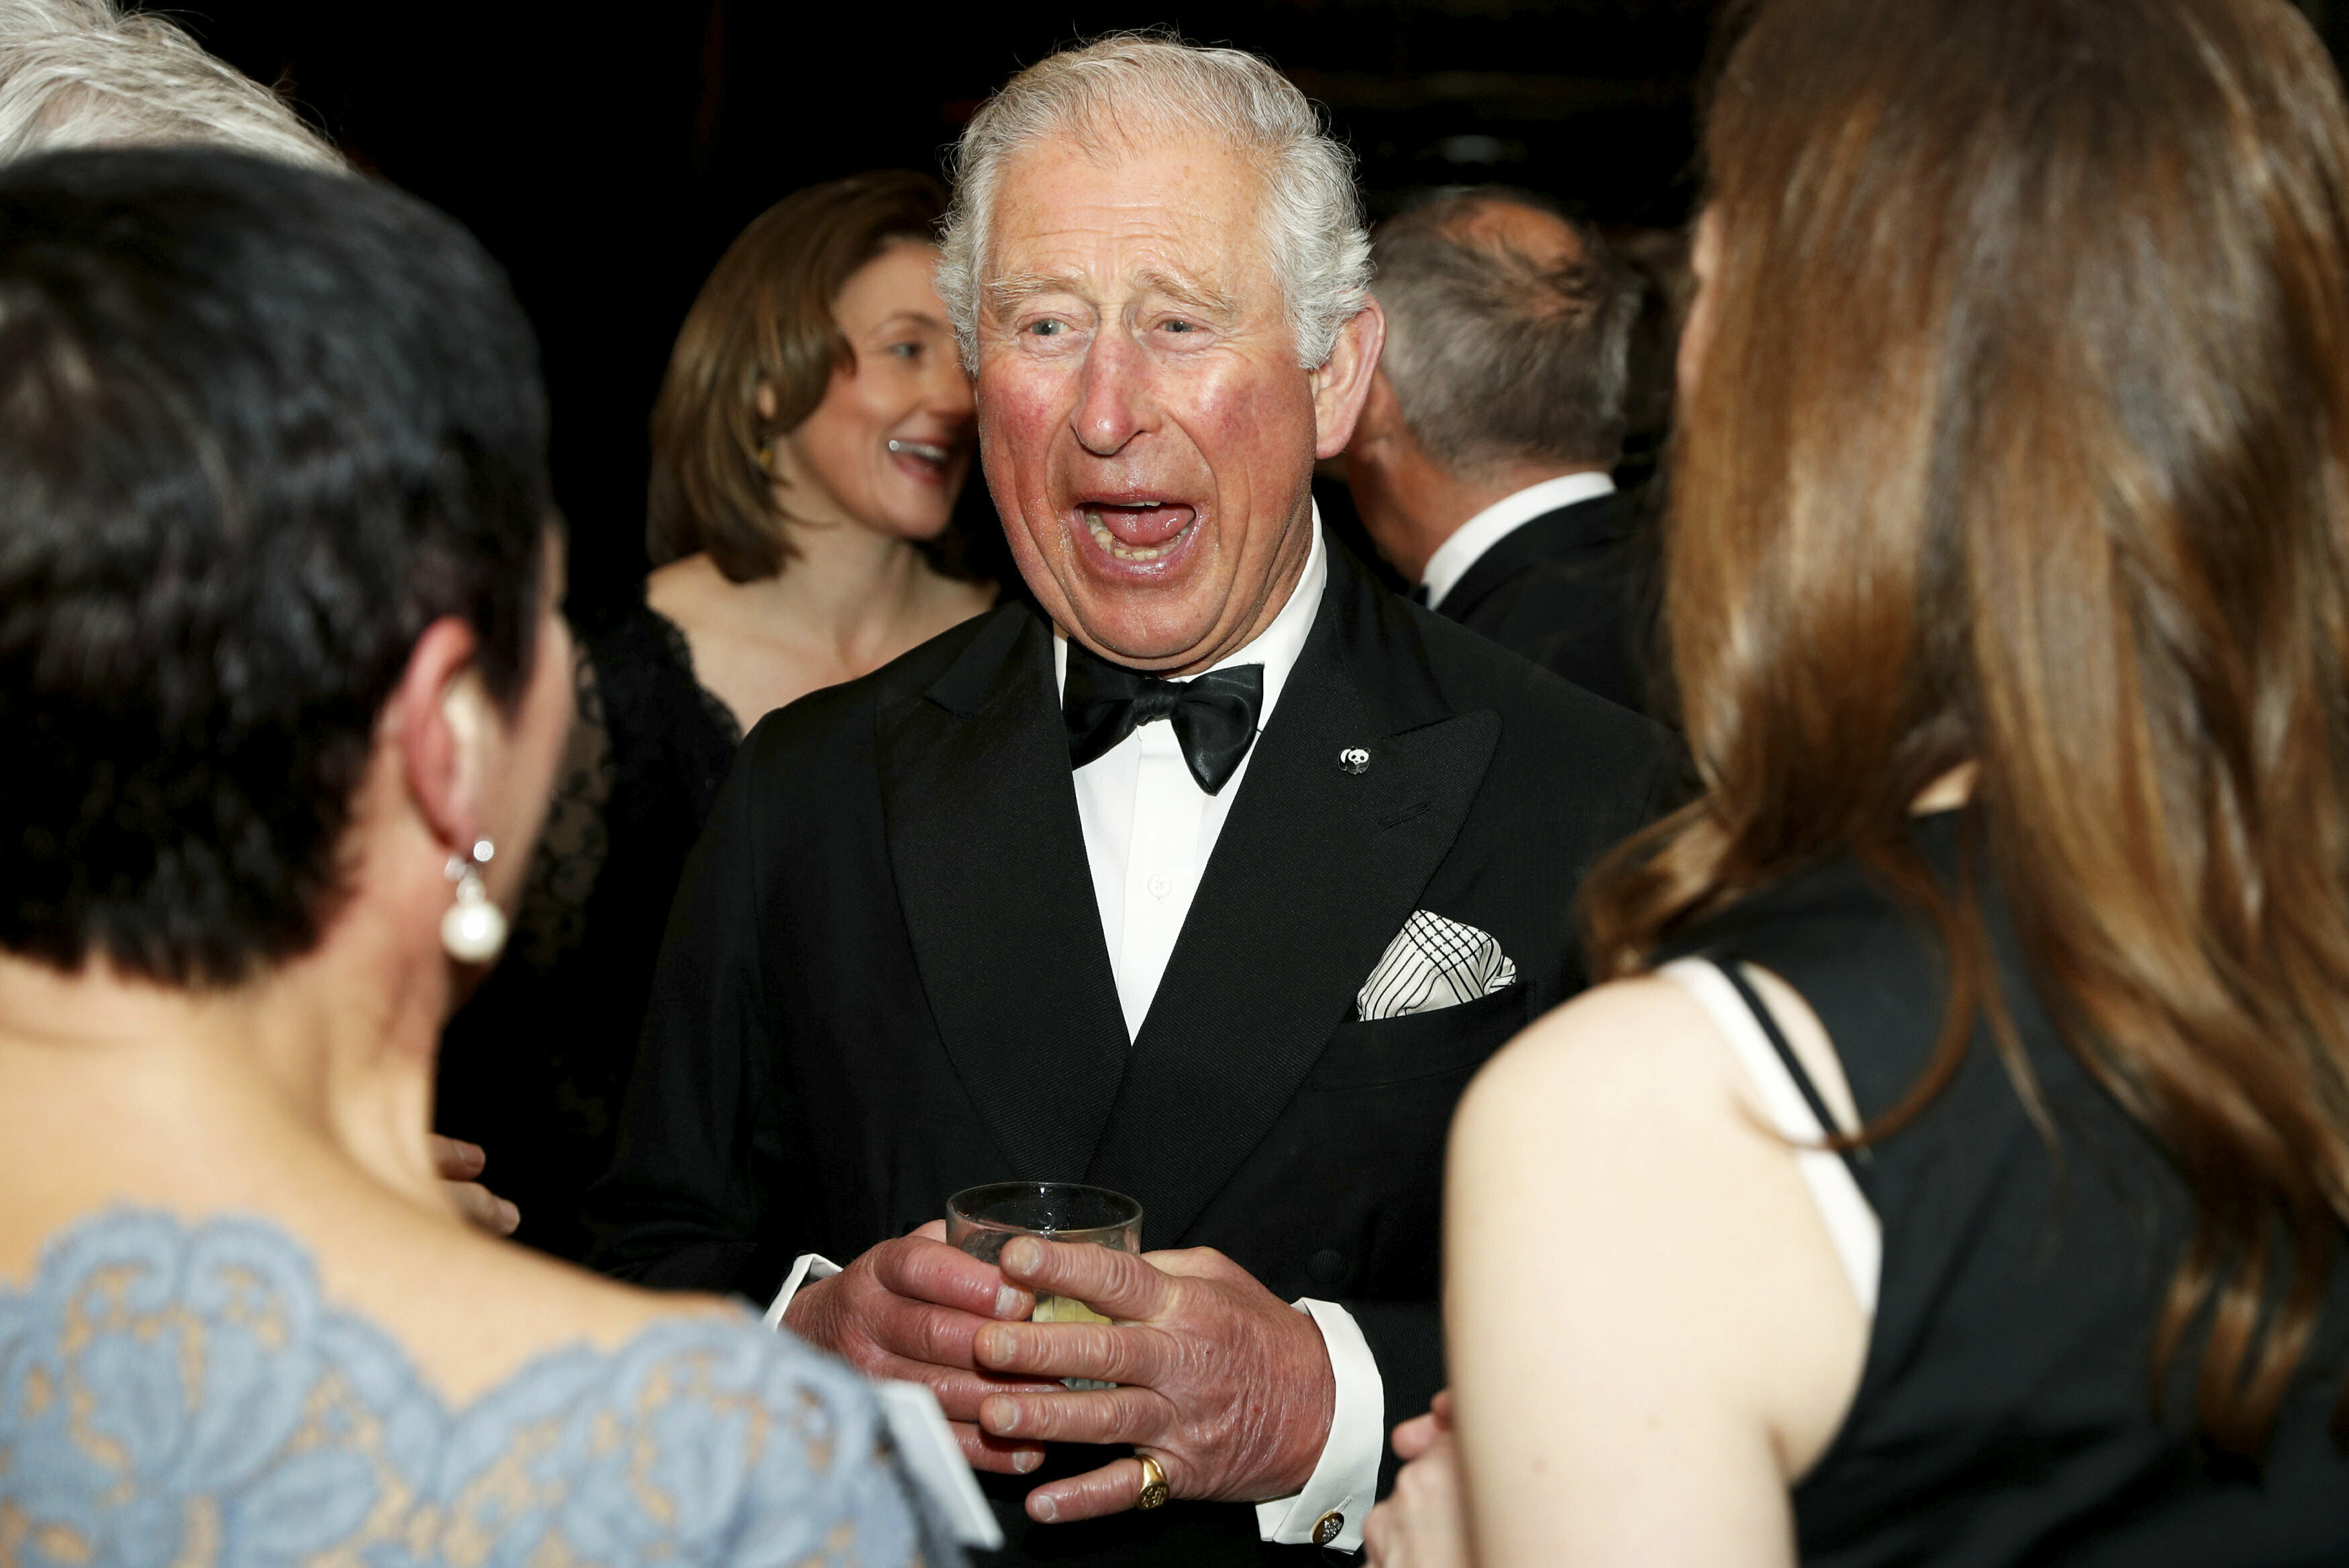 El documental será estrenado el viernes. En la foto: el príncipe Charles disfruta de la velada. (AP)